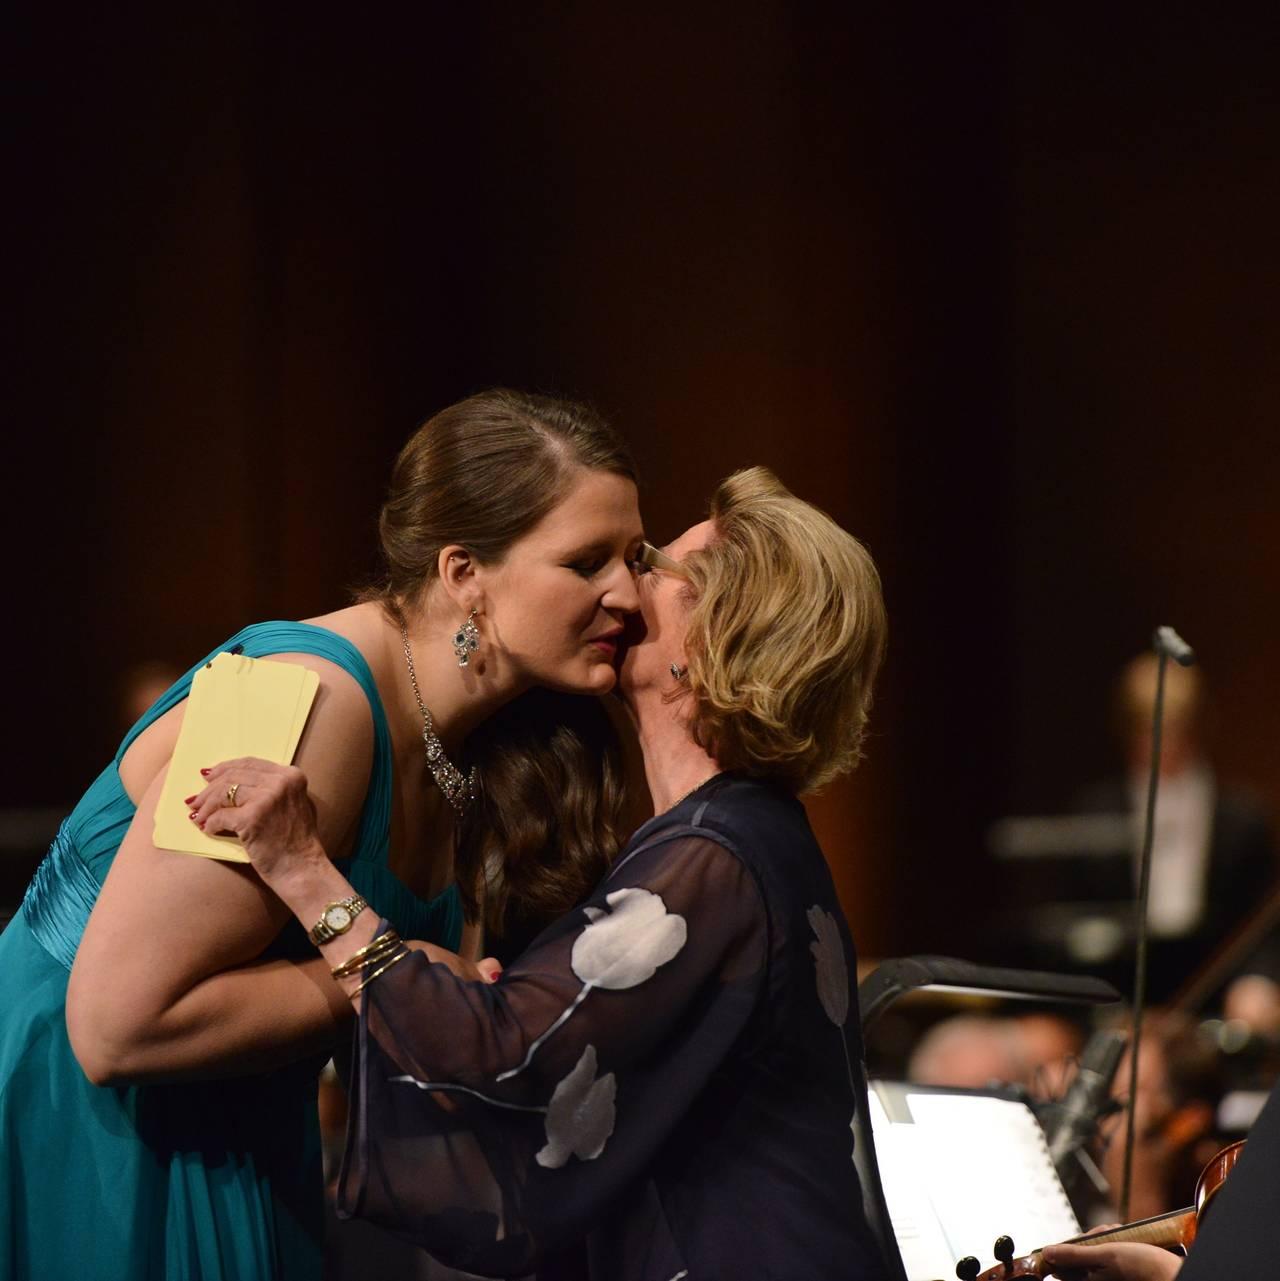 H.M. Dronning Sonja med Lise Davidsen (førsteprisvinner DSIM 2015) under prisutdelingsseremonien.